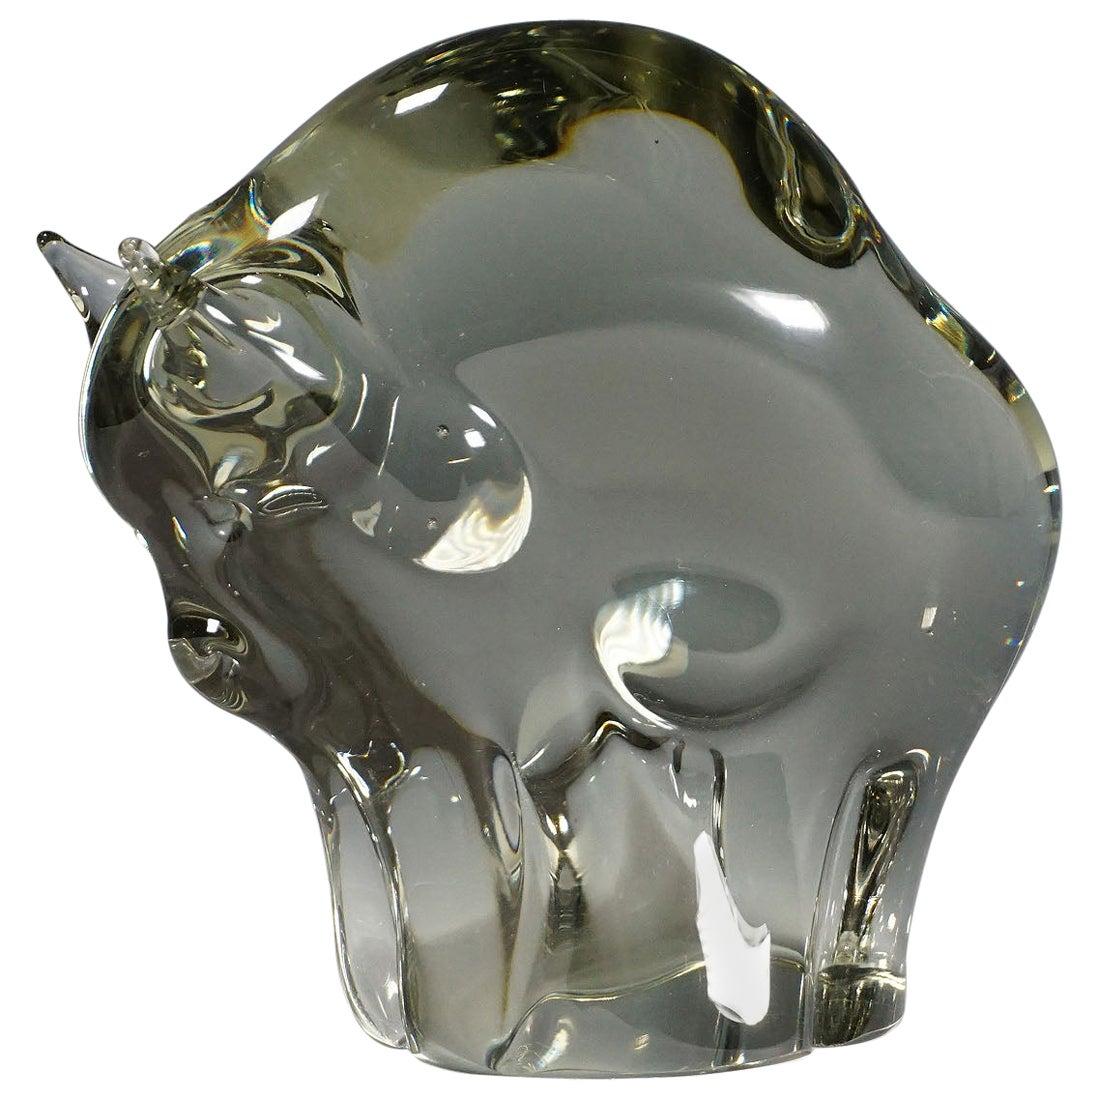 Sculpture of a Murano Glass Bison Designed by Livio Seguso, circa 1970s